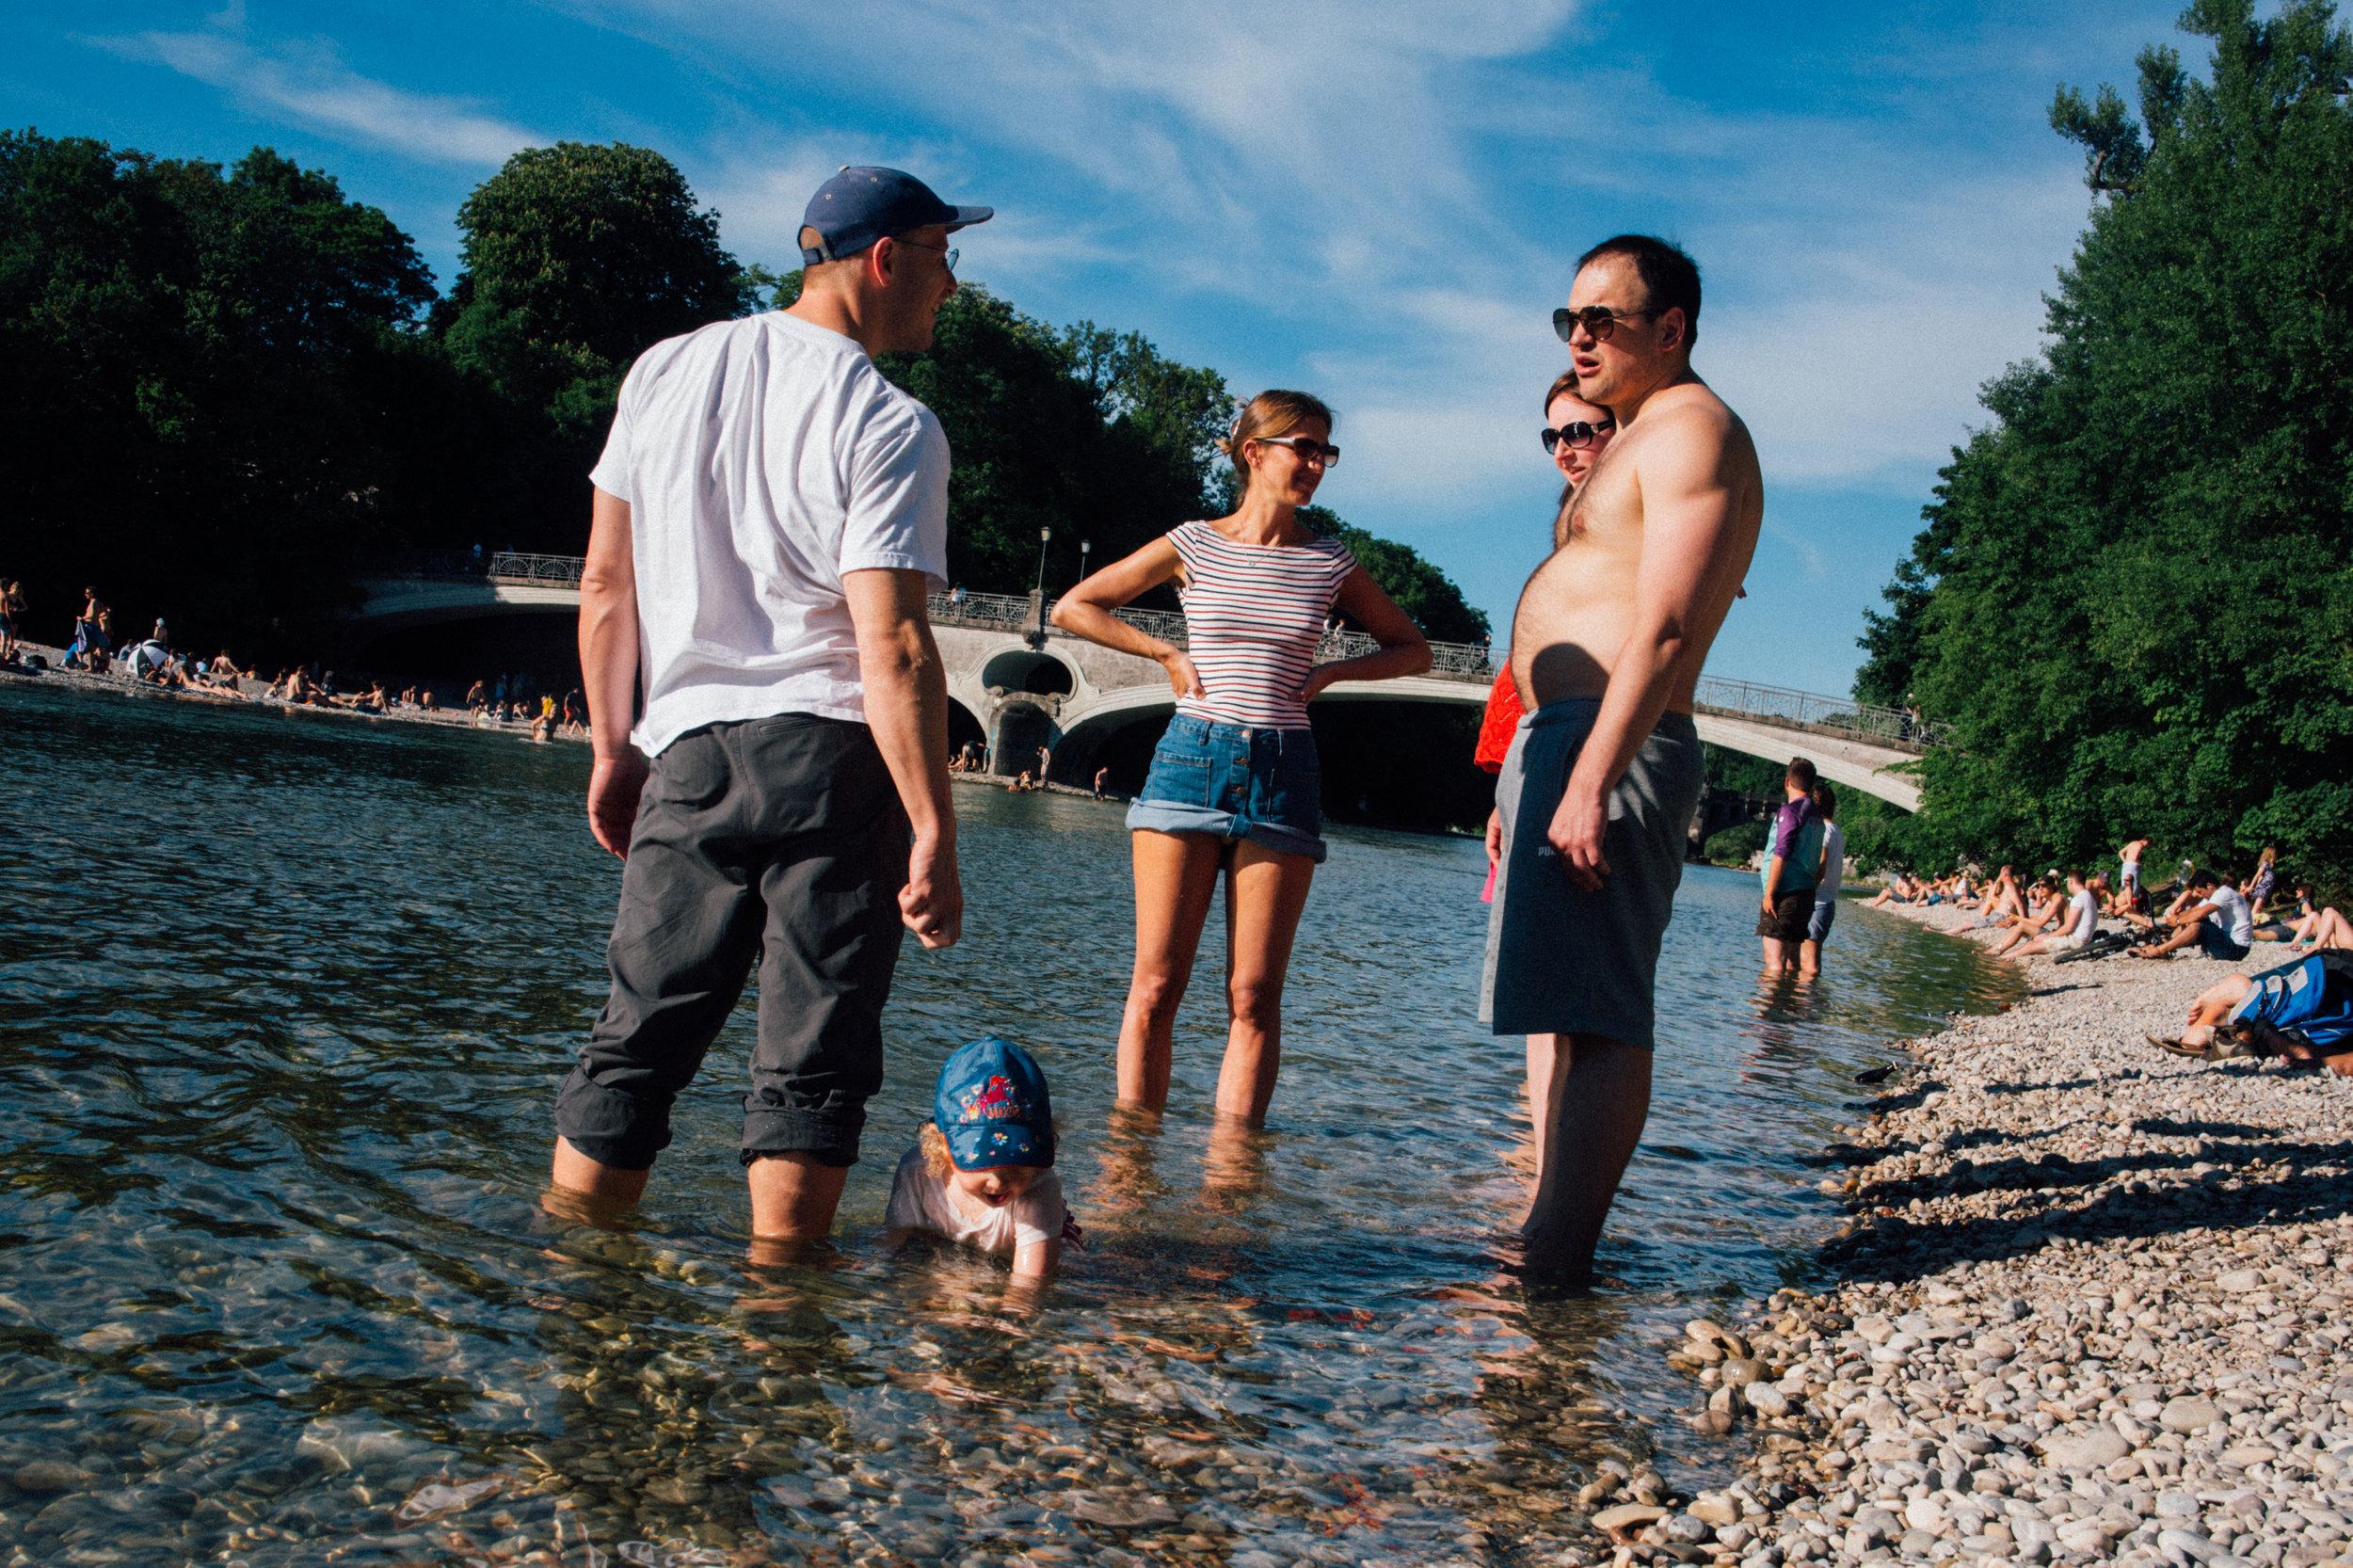 Río Isar, München by Jorge Güiro 31.jpg